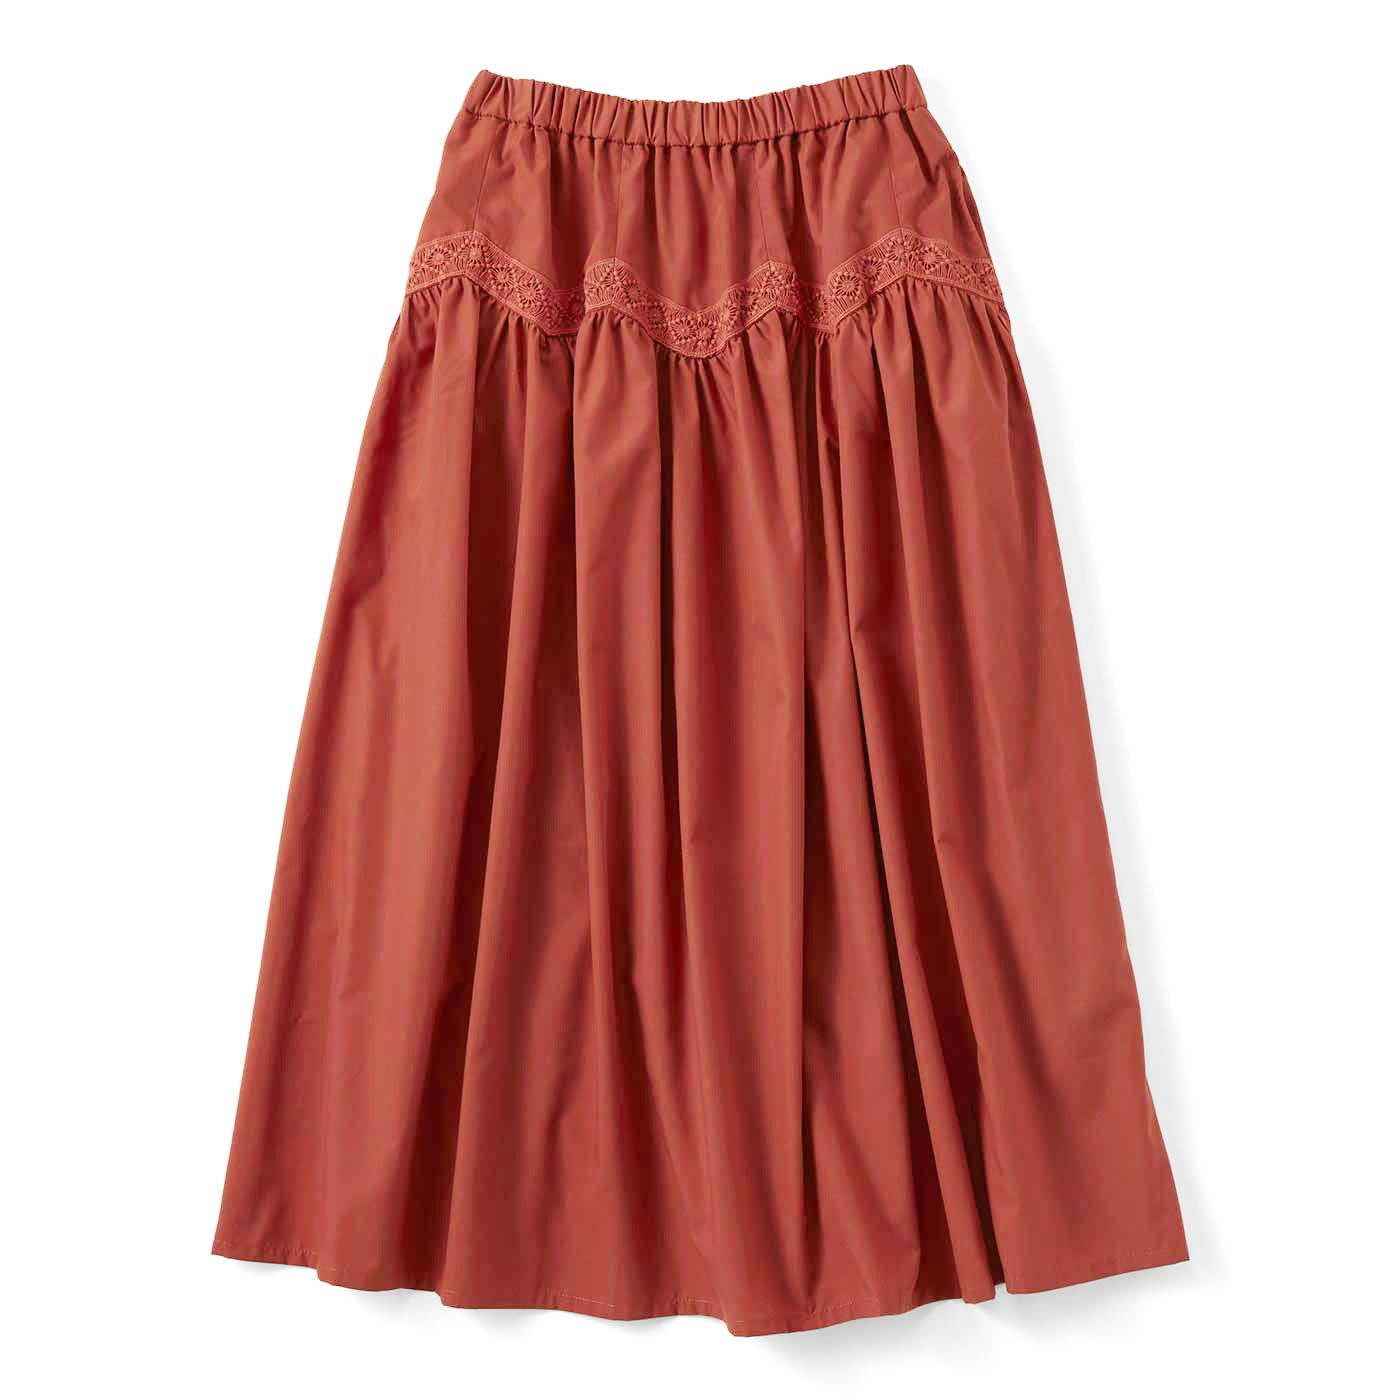 ジグザグレースのボリュームスカート〈テラコッタブラウン〉